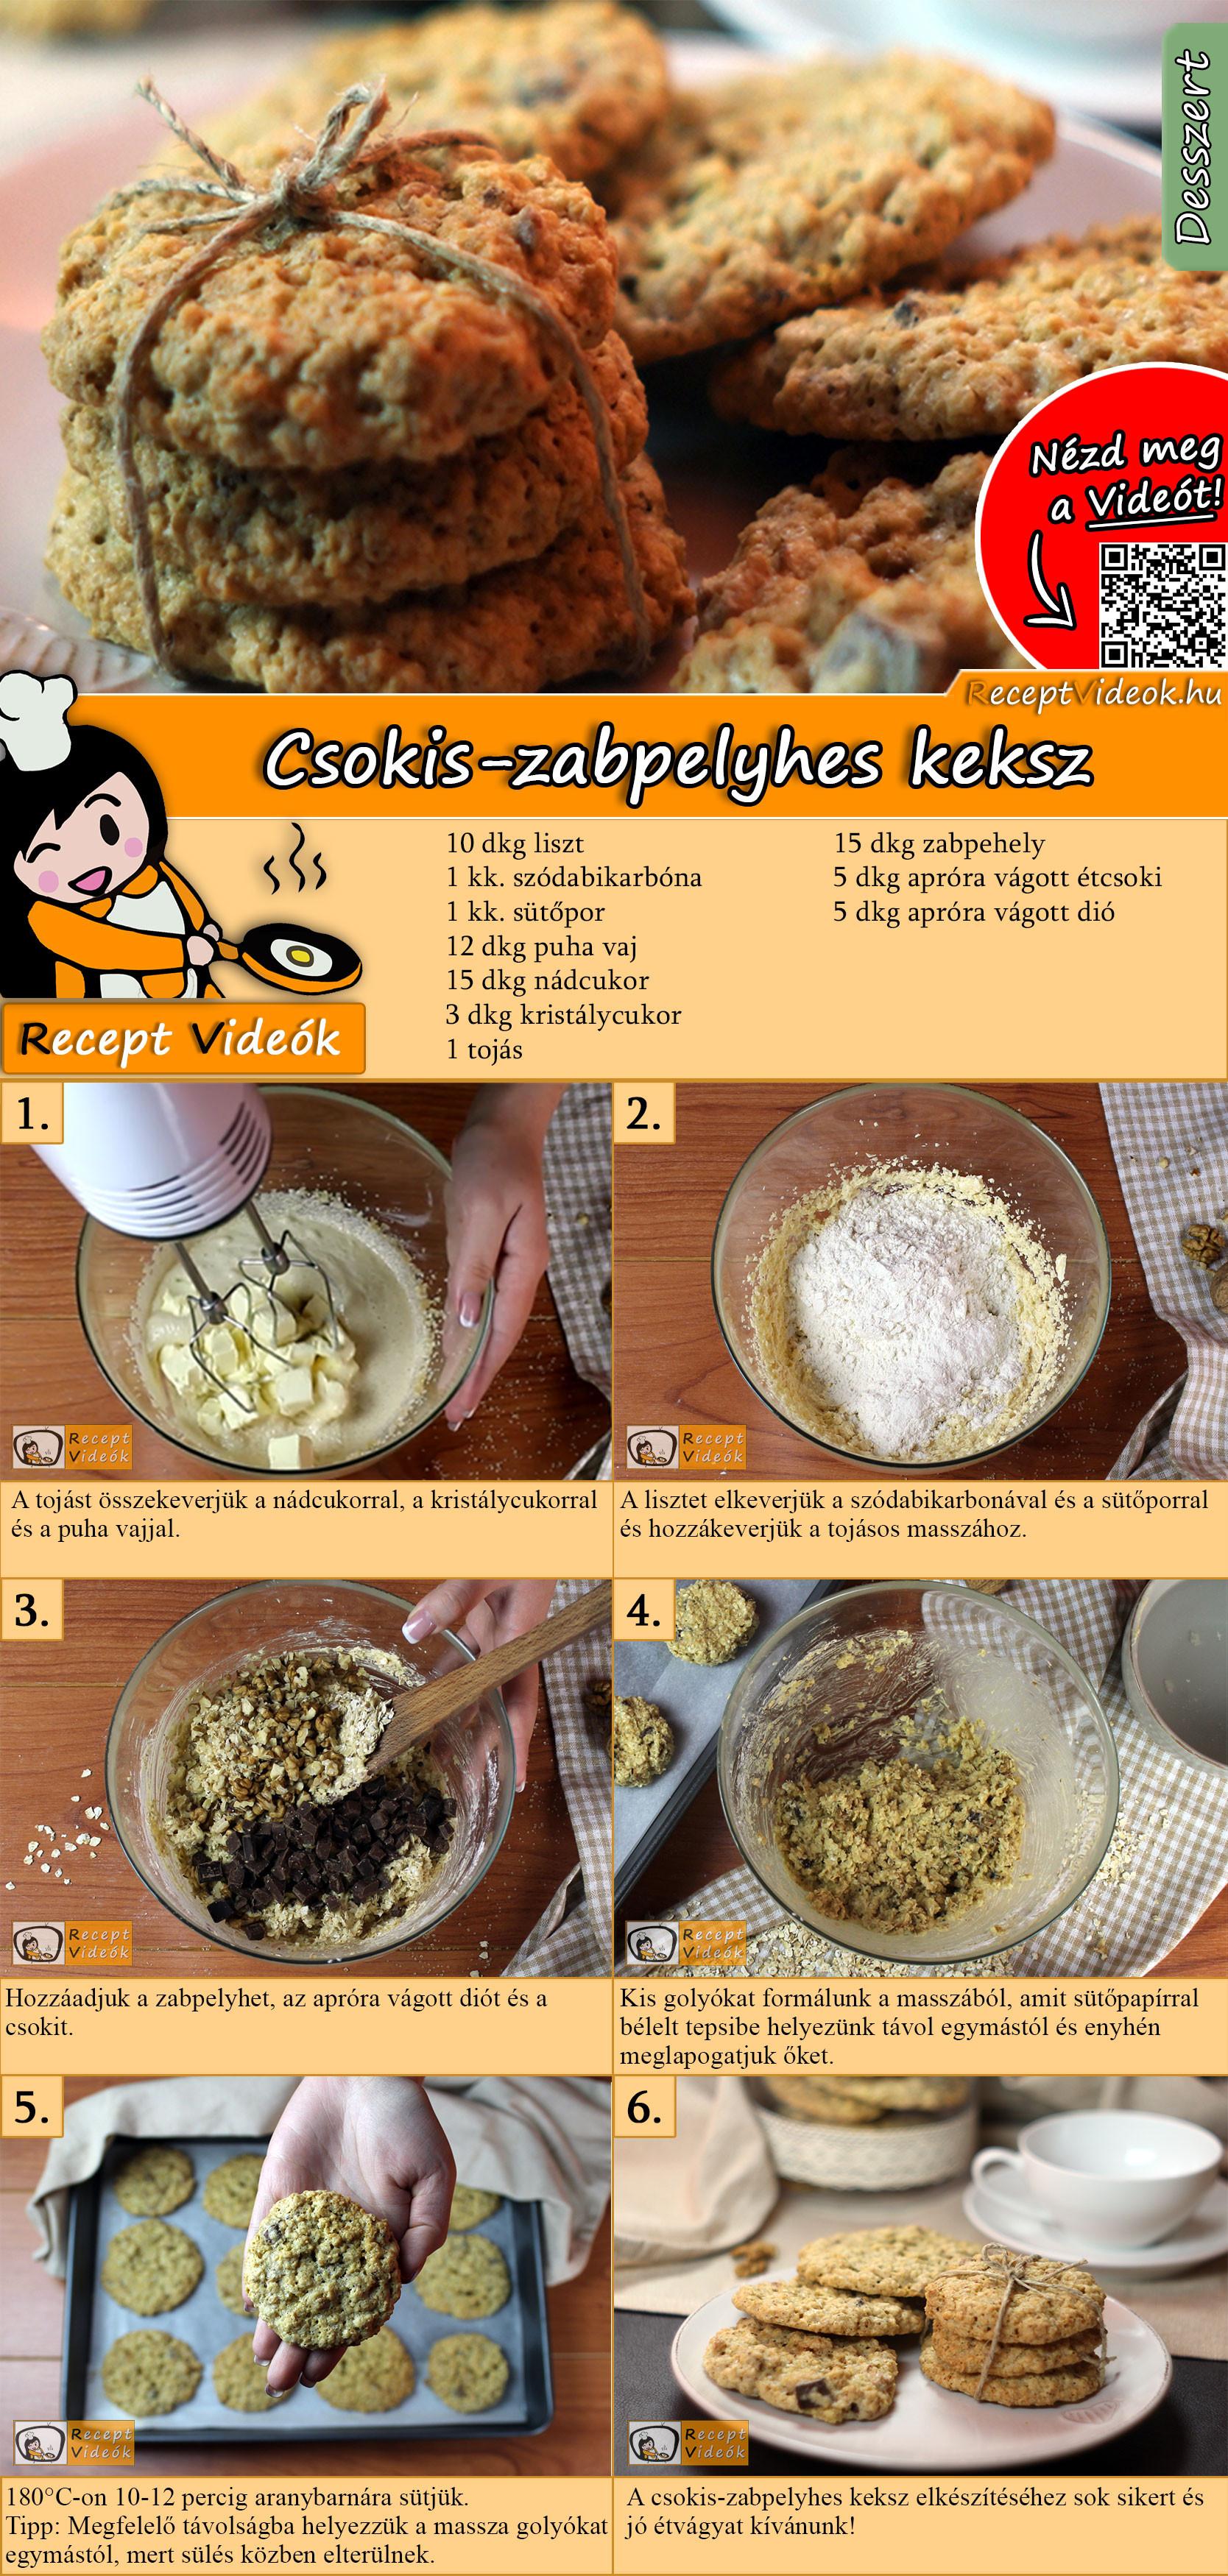 Csokis-zabpelyhes keksz recept elkészítése videóval